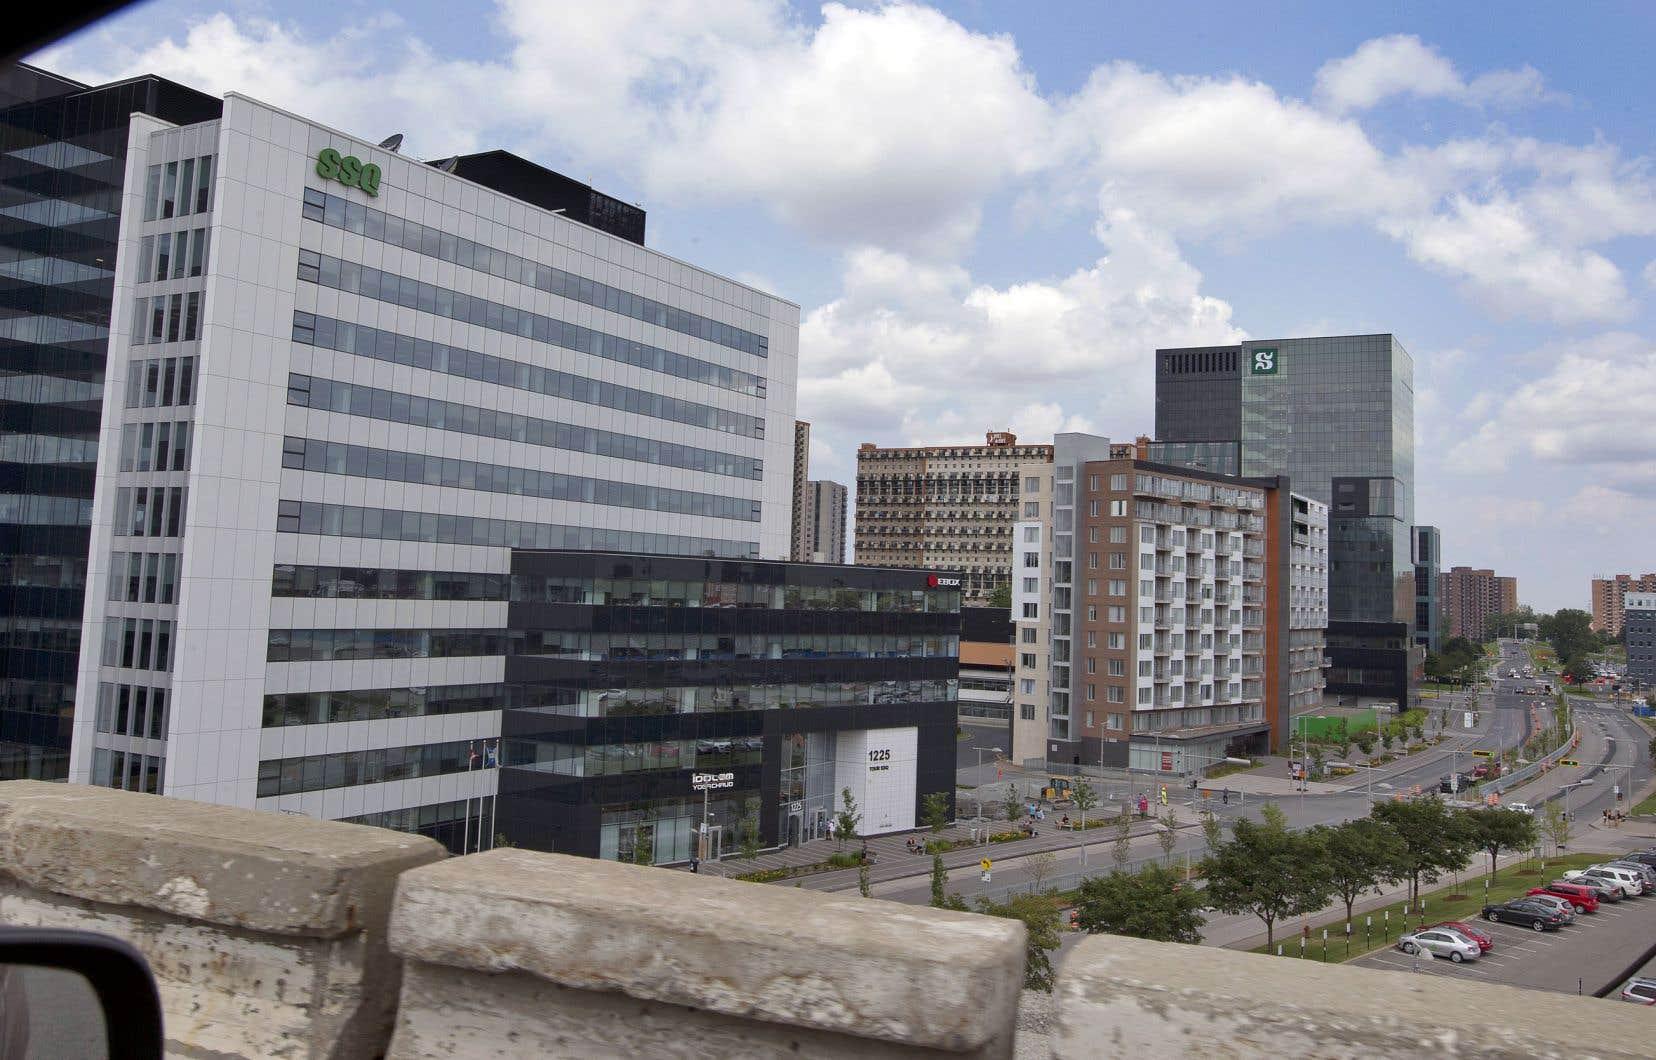 L'administration de la maire sortante, Caroline St-Hilaire, proposait de développer d'ici 2035 un nouveau centre-ville autour de la station de métro Longueuil-Université de Sherbrooke.